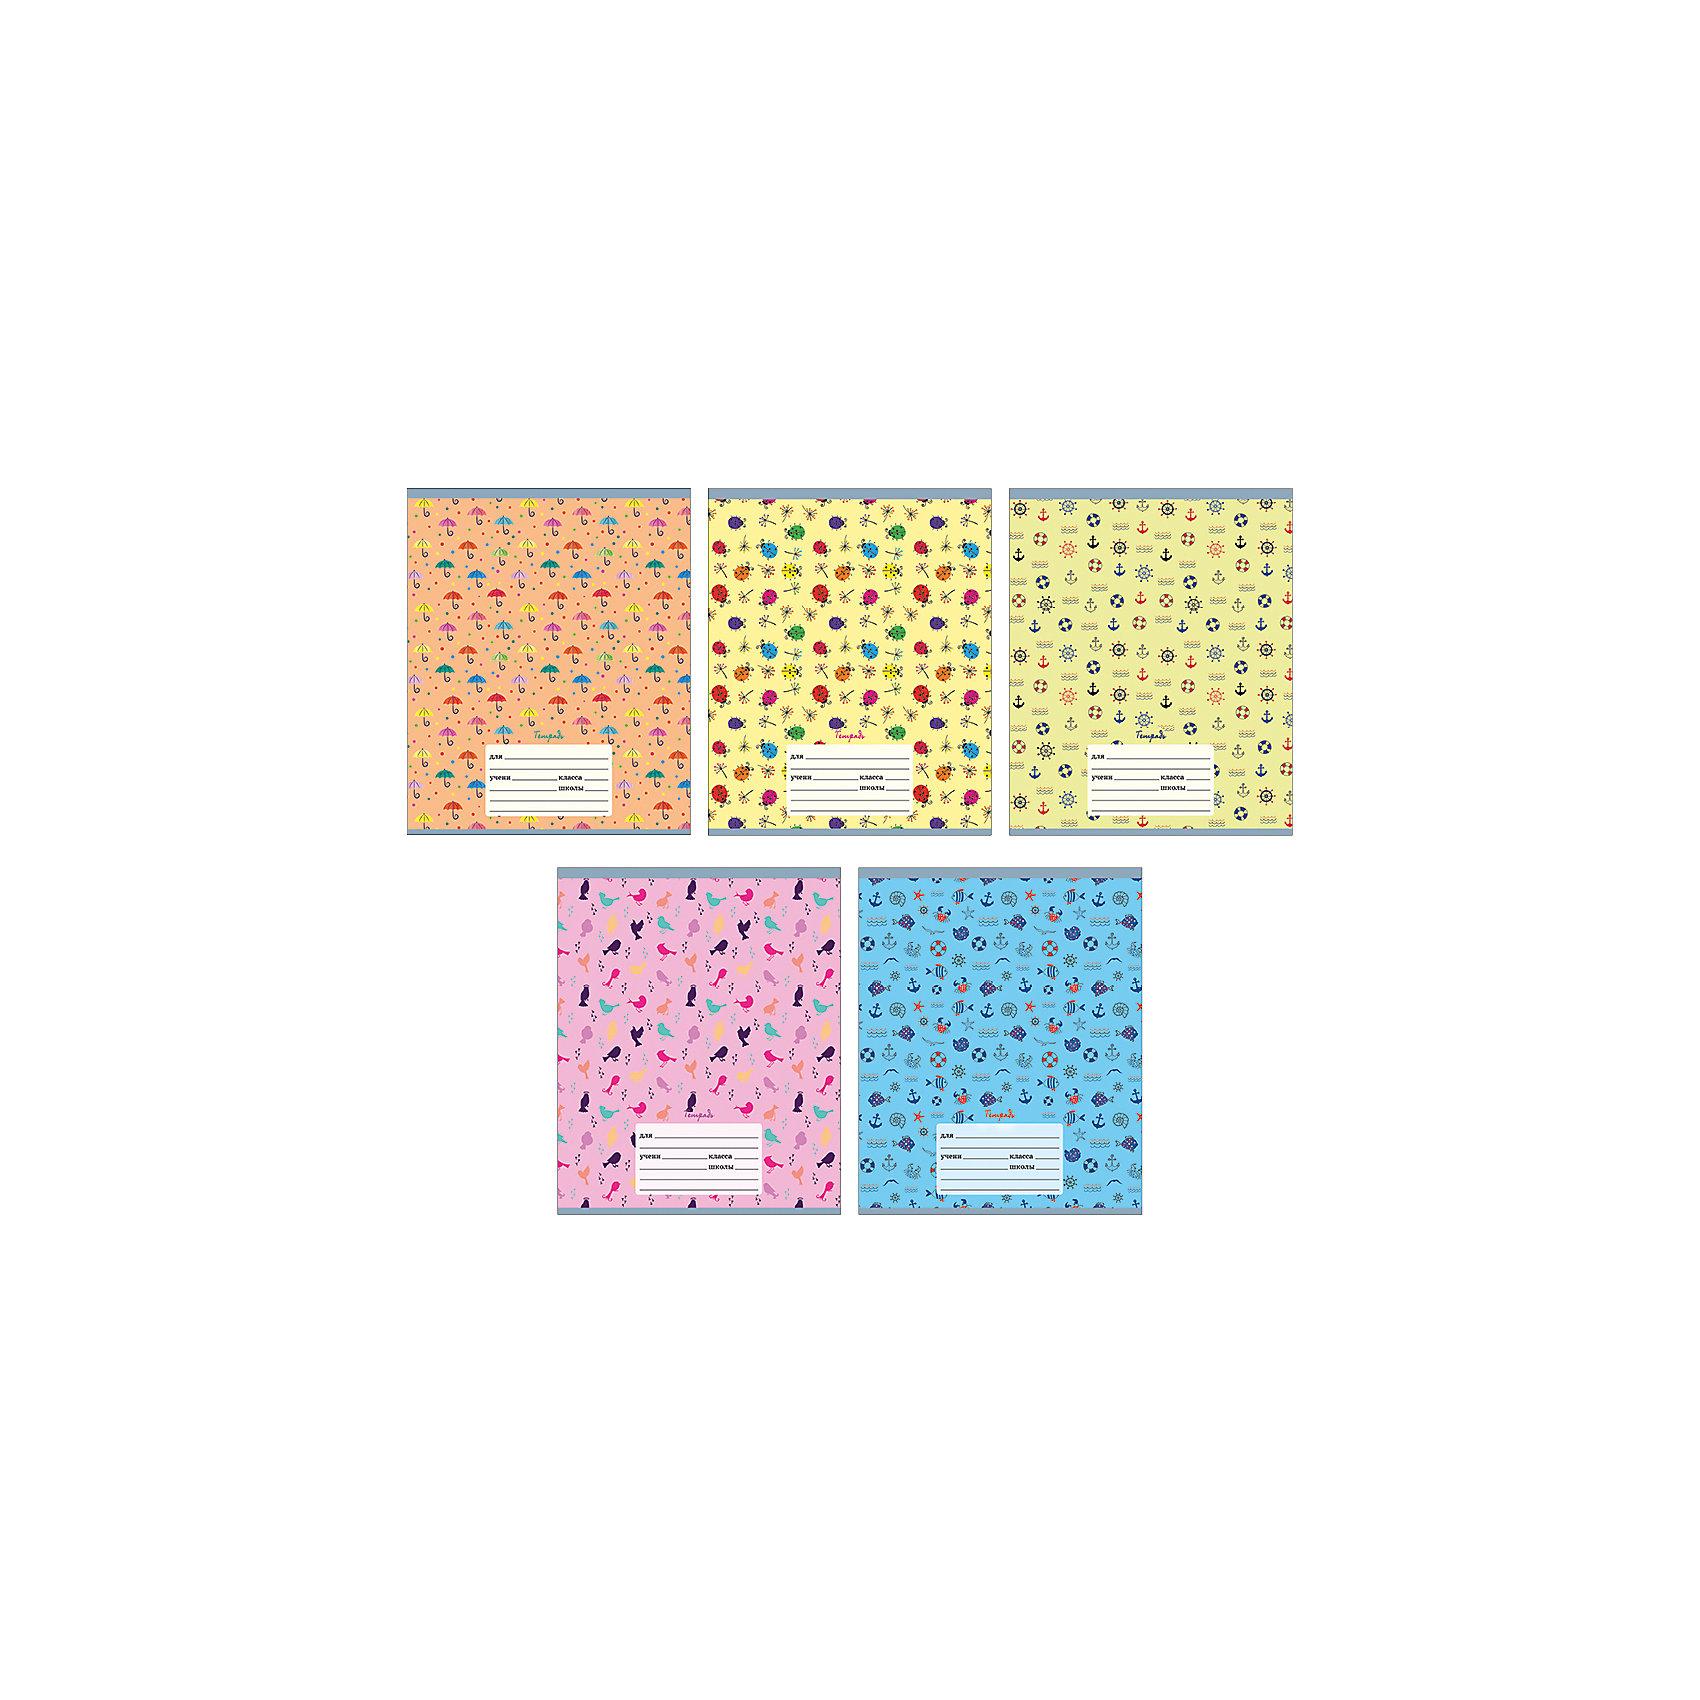 Комплект тетрадей Разноцветный орнамент (10 шт), 18 листов, Канц-ЭксмоБумажная продукция<br>Характеристики комплекта тетрадей Разноцветный орнамент:<br><br>• размеры: 20.2х16.3х3.5 см<br>• количество листов: 18 шт.<br>• разлиновка: клетка<br>• формат: А 5 <br>• комплектация: тетрадь<br>• бумага: офсет, плотностью 60 г/м2.<br>• обложка: мелованный картон , выборочный лак.<br>• бренд: Канц-Эксмо<br>• страна бренда: Россия<br>• страна производителя: Россия<br><br>Комплект тетрадей Разноцветный орнамент от производителя Канц-Эксмо выполнен в формате А5. Количество листов 18, тетради в клетку с полями. Крепление: скрепка. Обложка у изделий плотная - мелованный картон, выборочный лак.<br><br>Комплект тетрадей Разноцветный орнамент от производителя Канц-Эксмо можно купить в нашем интернет-магазине.<br><br>Ширина мм: 210<br>Глубина мм: 165<br>Высота мм: 20<br>Вес г: 52<br>Возраст от месяцев: 72<br>Возраст до месяцев: 2147483647<br>Пол: Унисекс<br>Возраст: Детский<br>SKU: 5448389